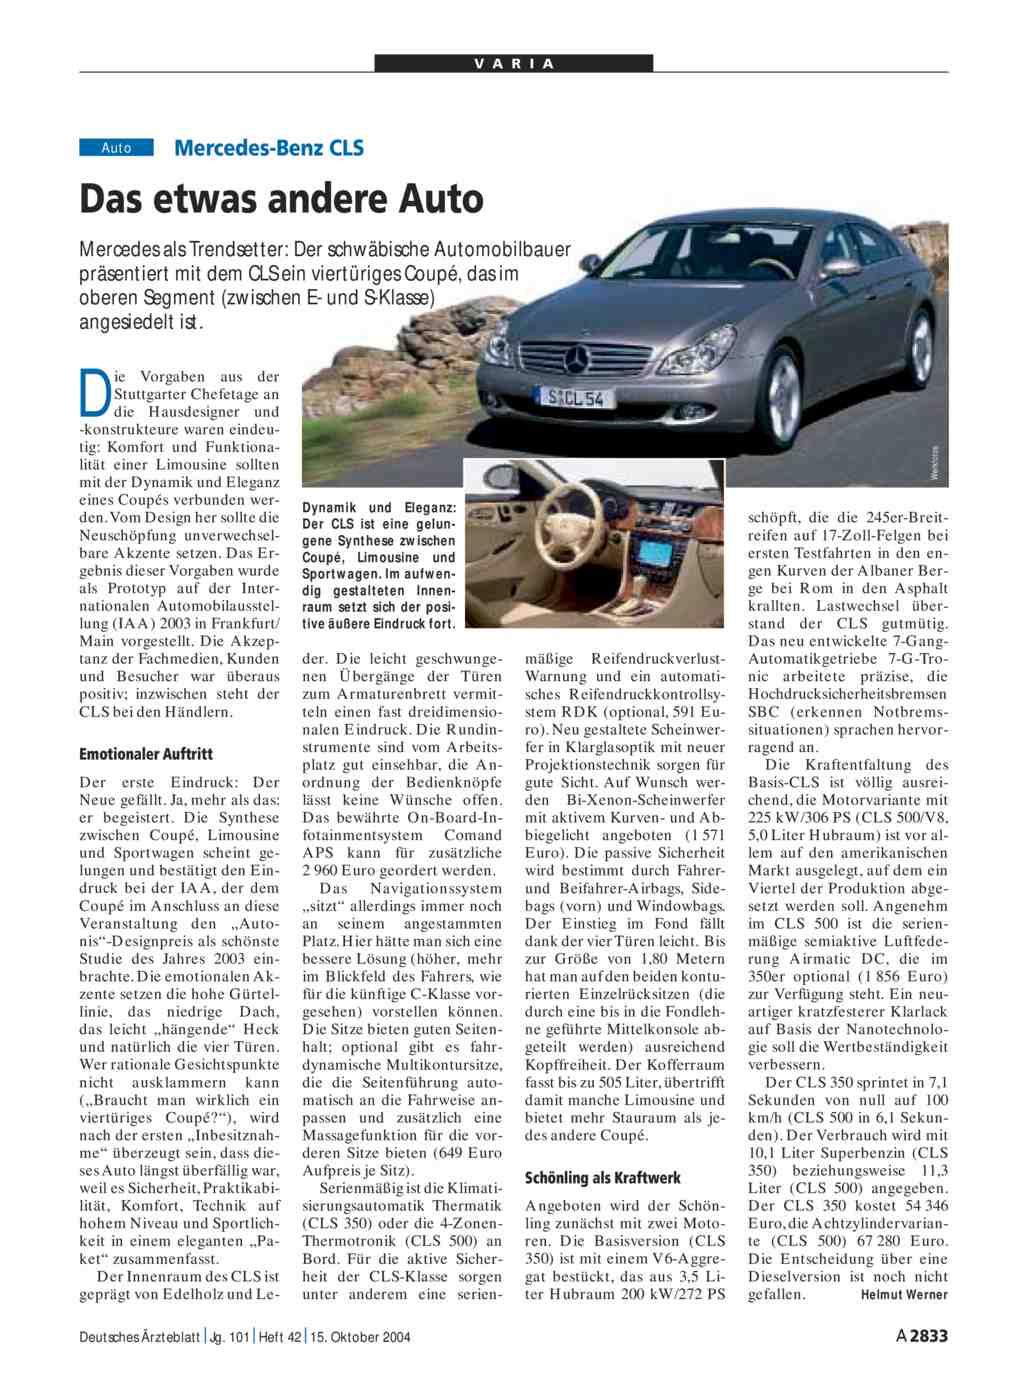 Mercedes-Benz CLS: Das etwas andere Auto